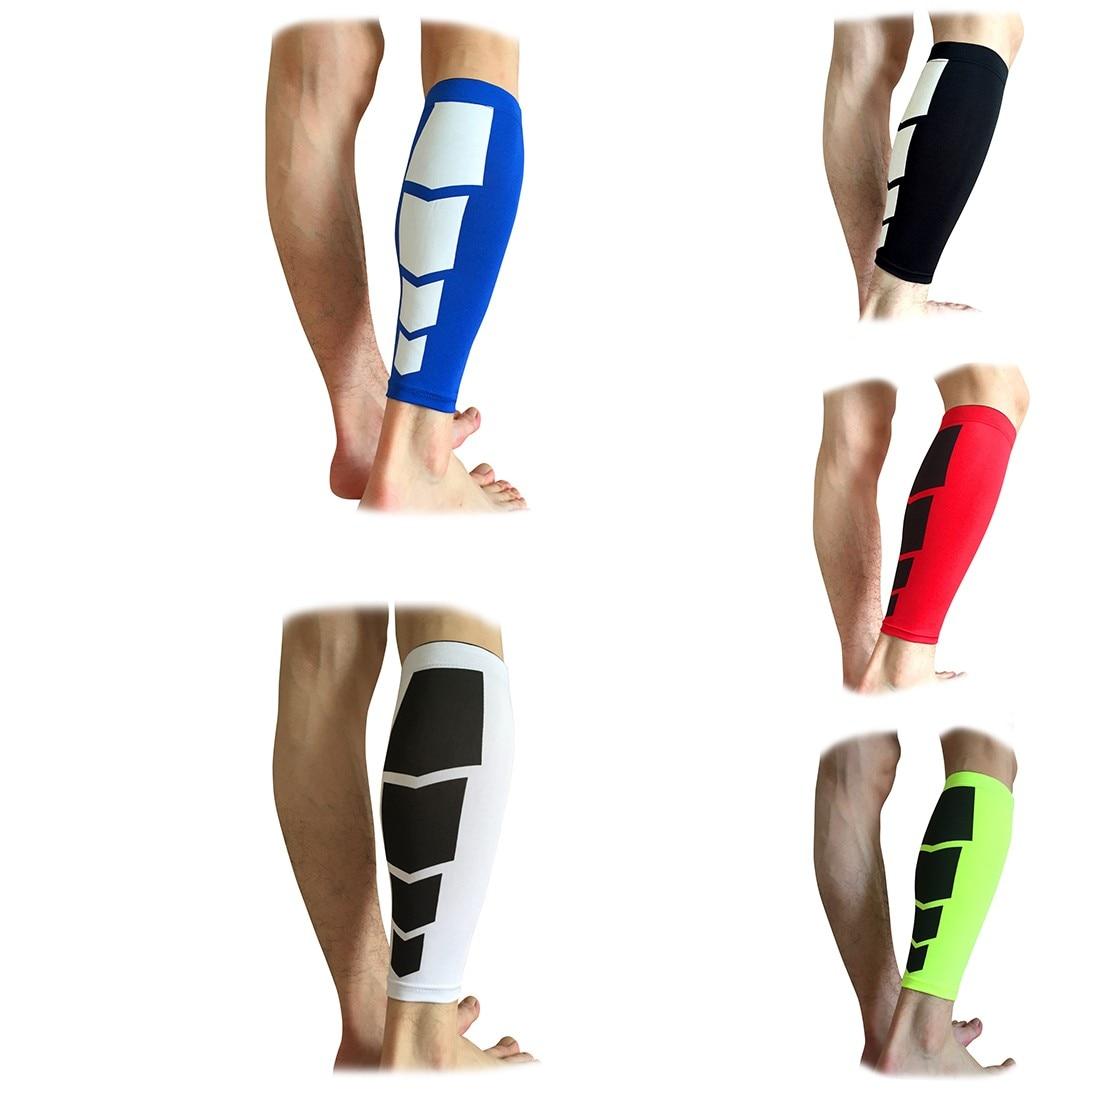 Homens 1 pc perna aquecedores de bezerro apoio shin guarda camada base compressão correndo polainas basquete mangas perna segurança